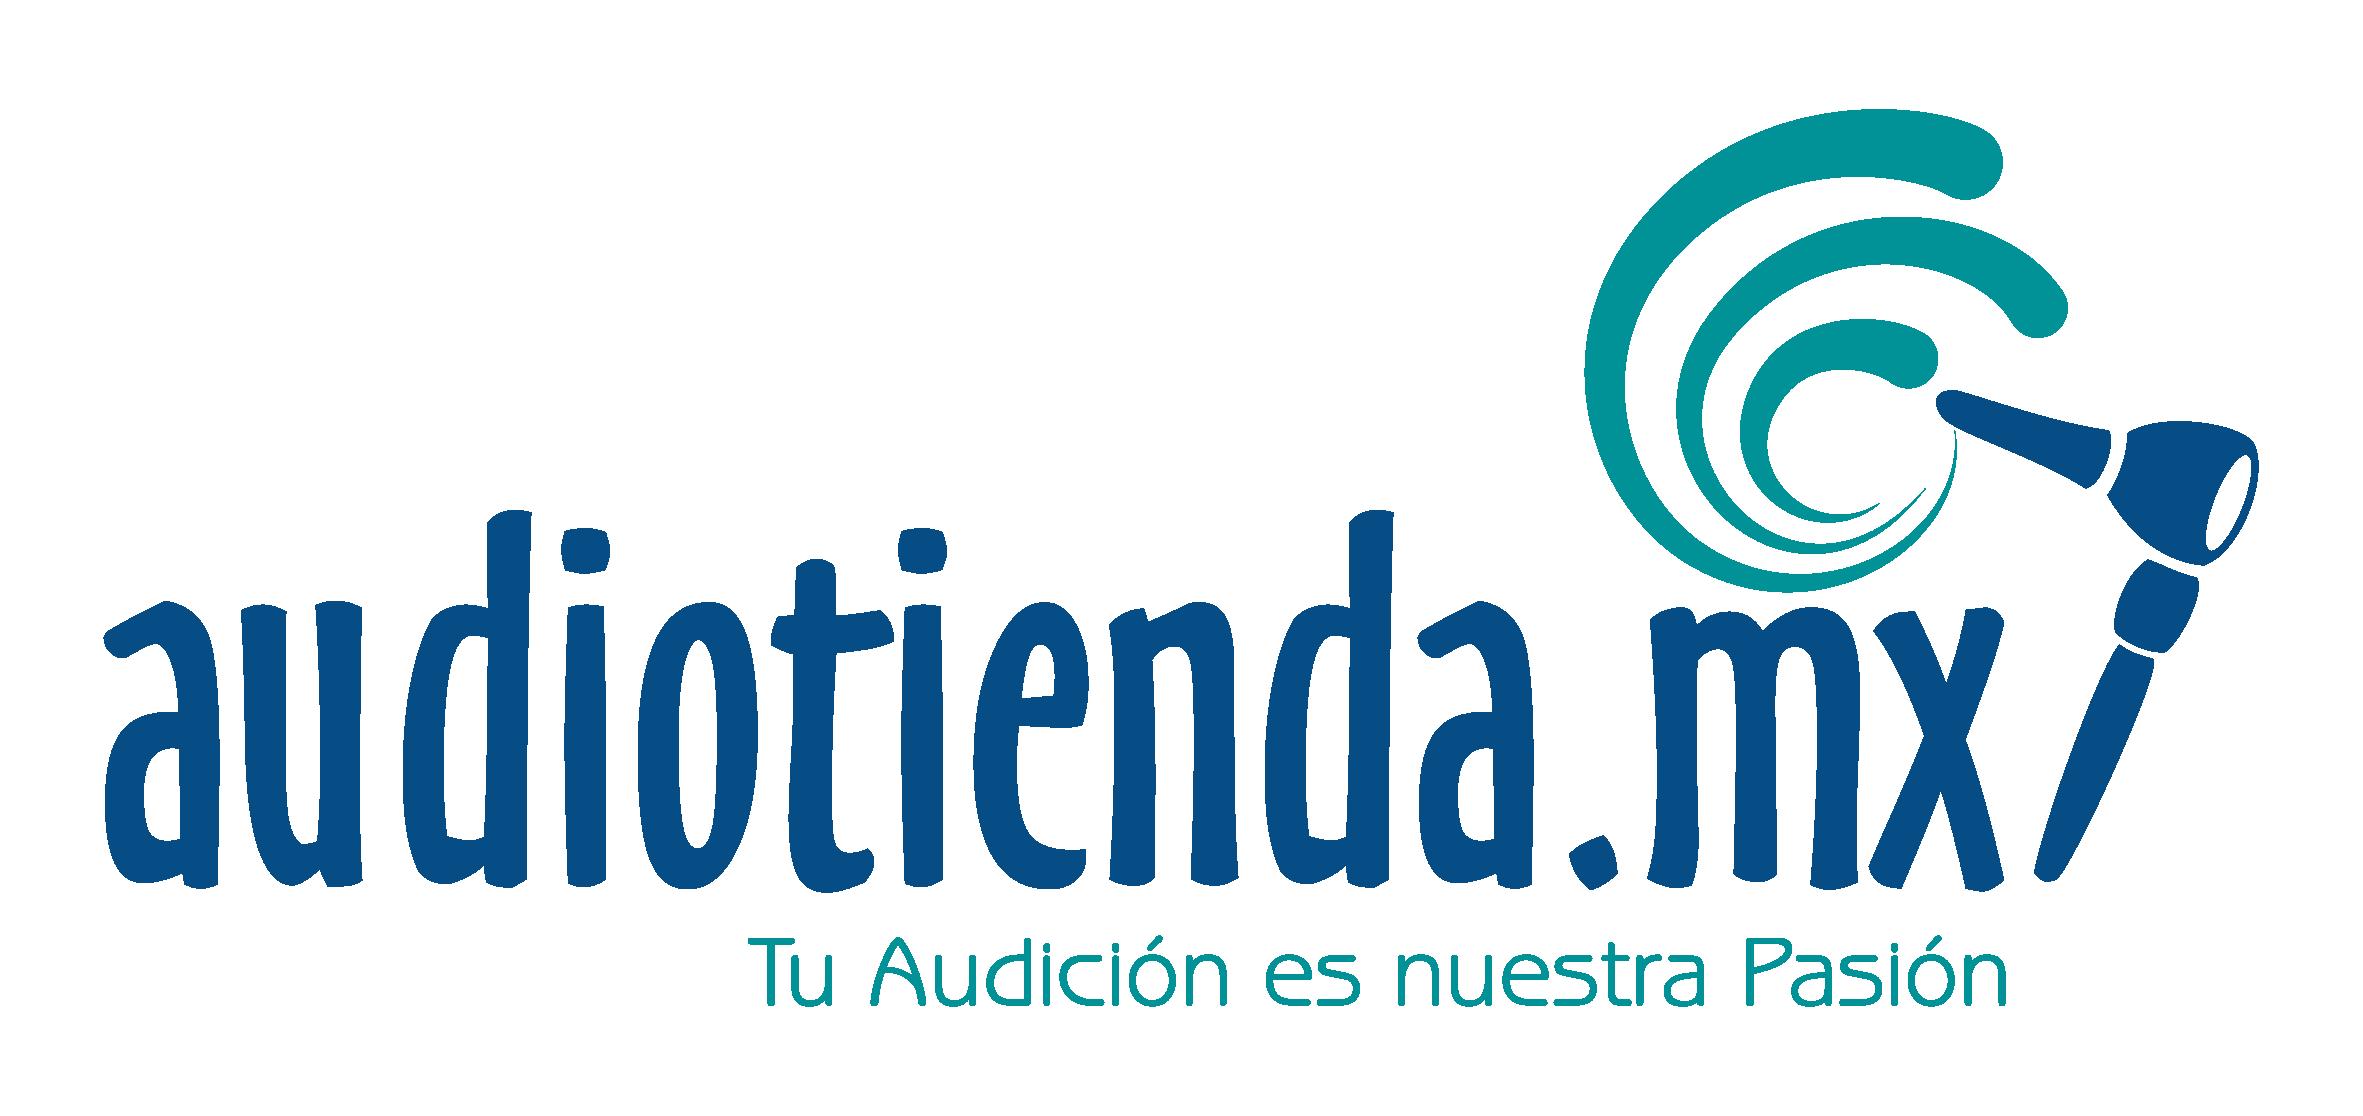 Audiotienda.mx